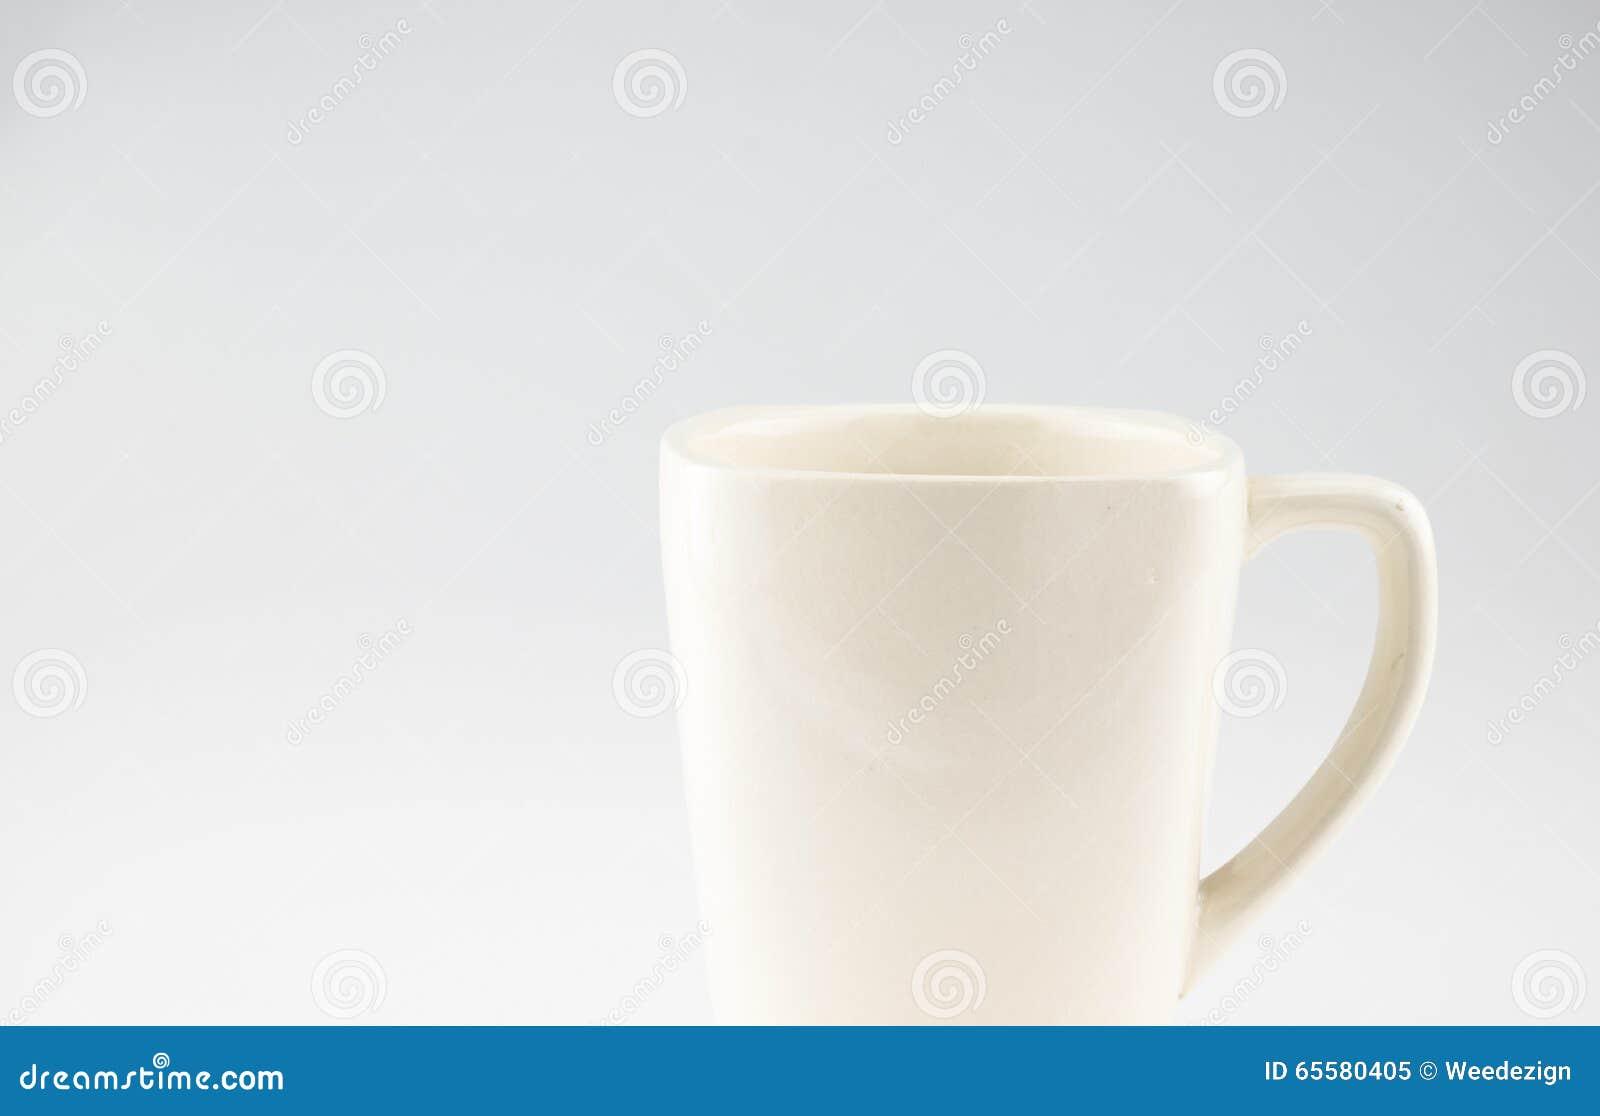 Caneca de café no fundo cinzento, espaço da licença para adicionar o texto